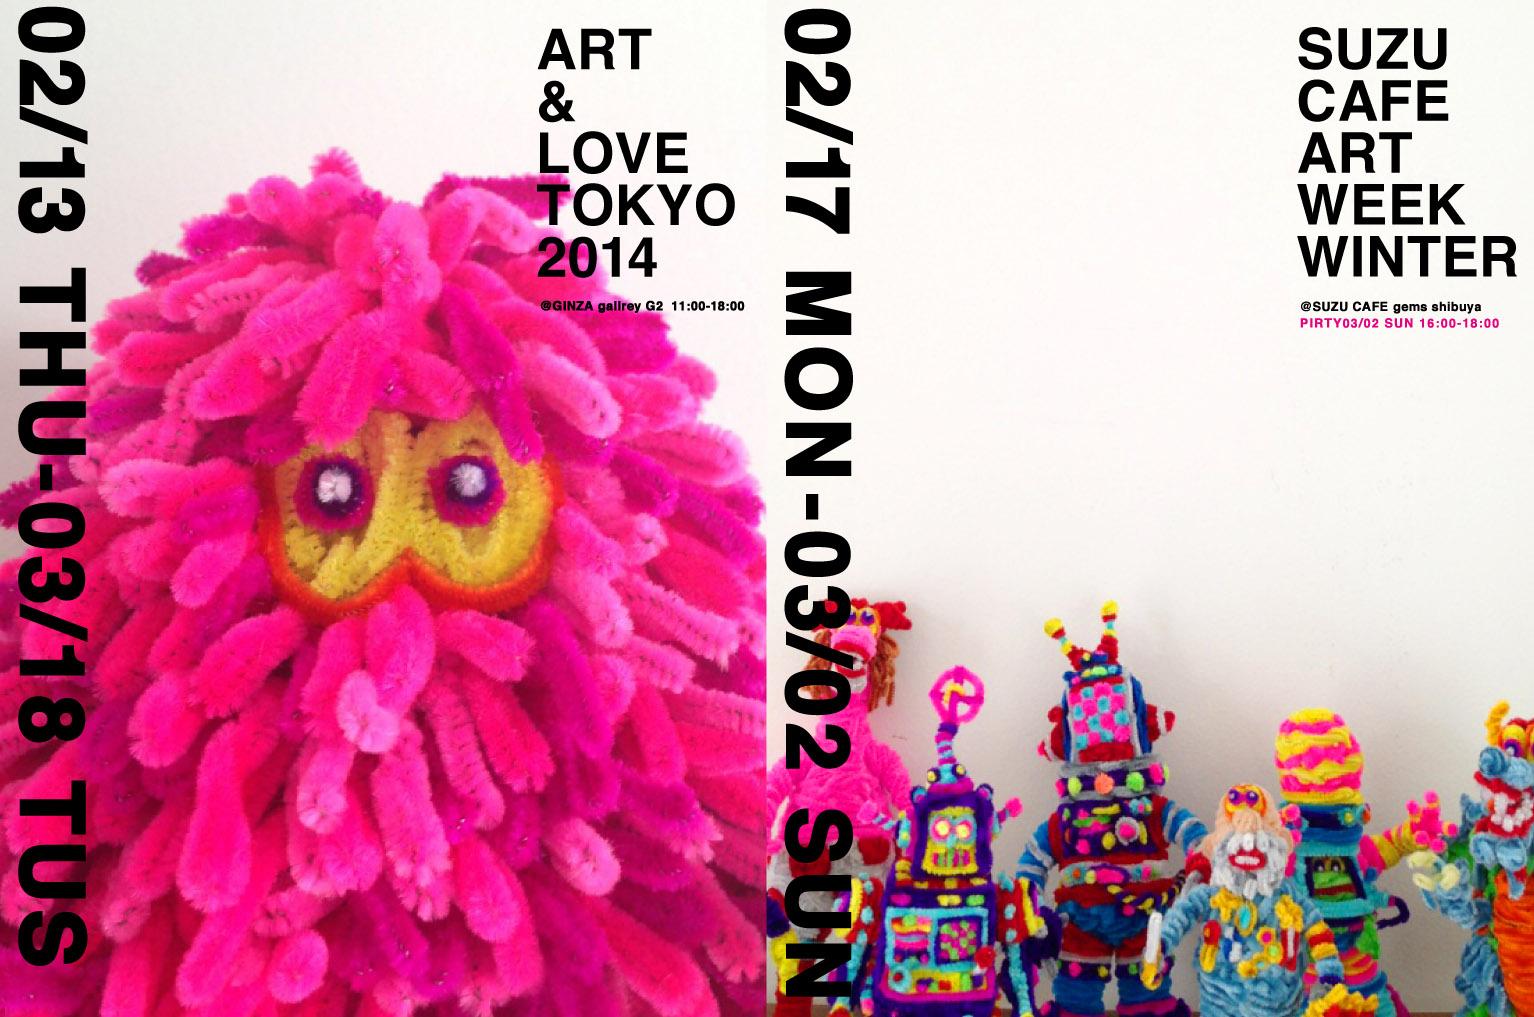 【告知】2月の展示 銀座&渋谷&ワークショップ_a0136846_22213889.jpg